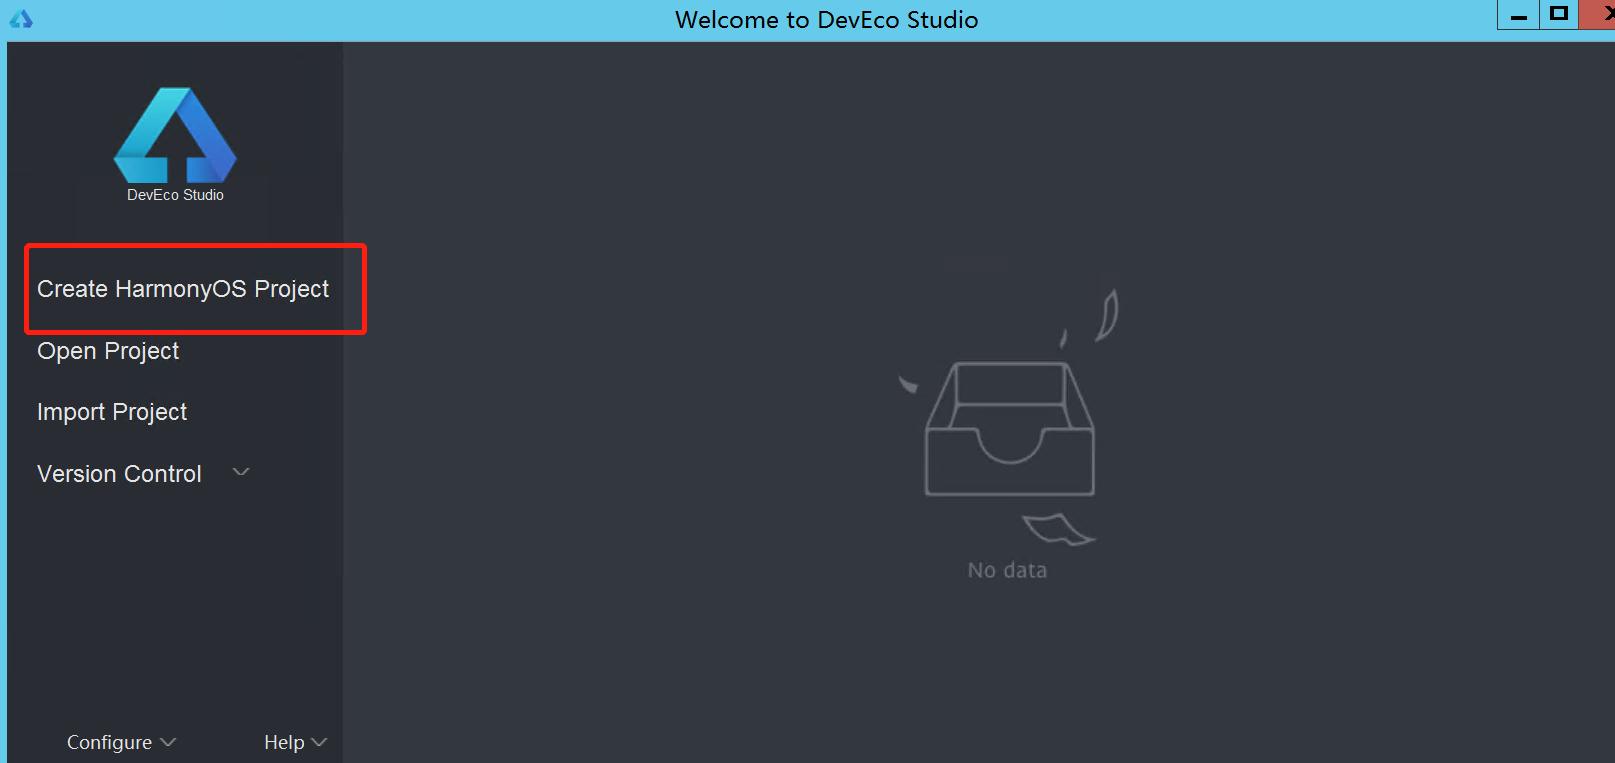 HUAWEI DevEco Studio2.0 安装配置环境记录 - 第23张  | 乐生活